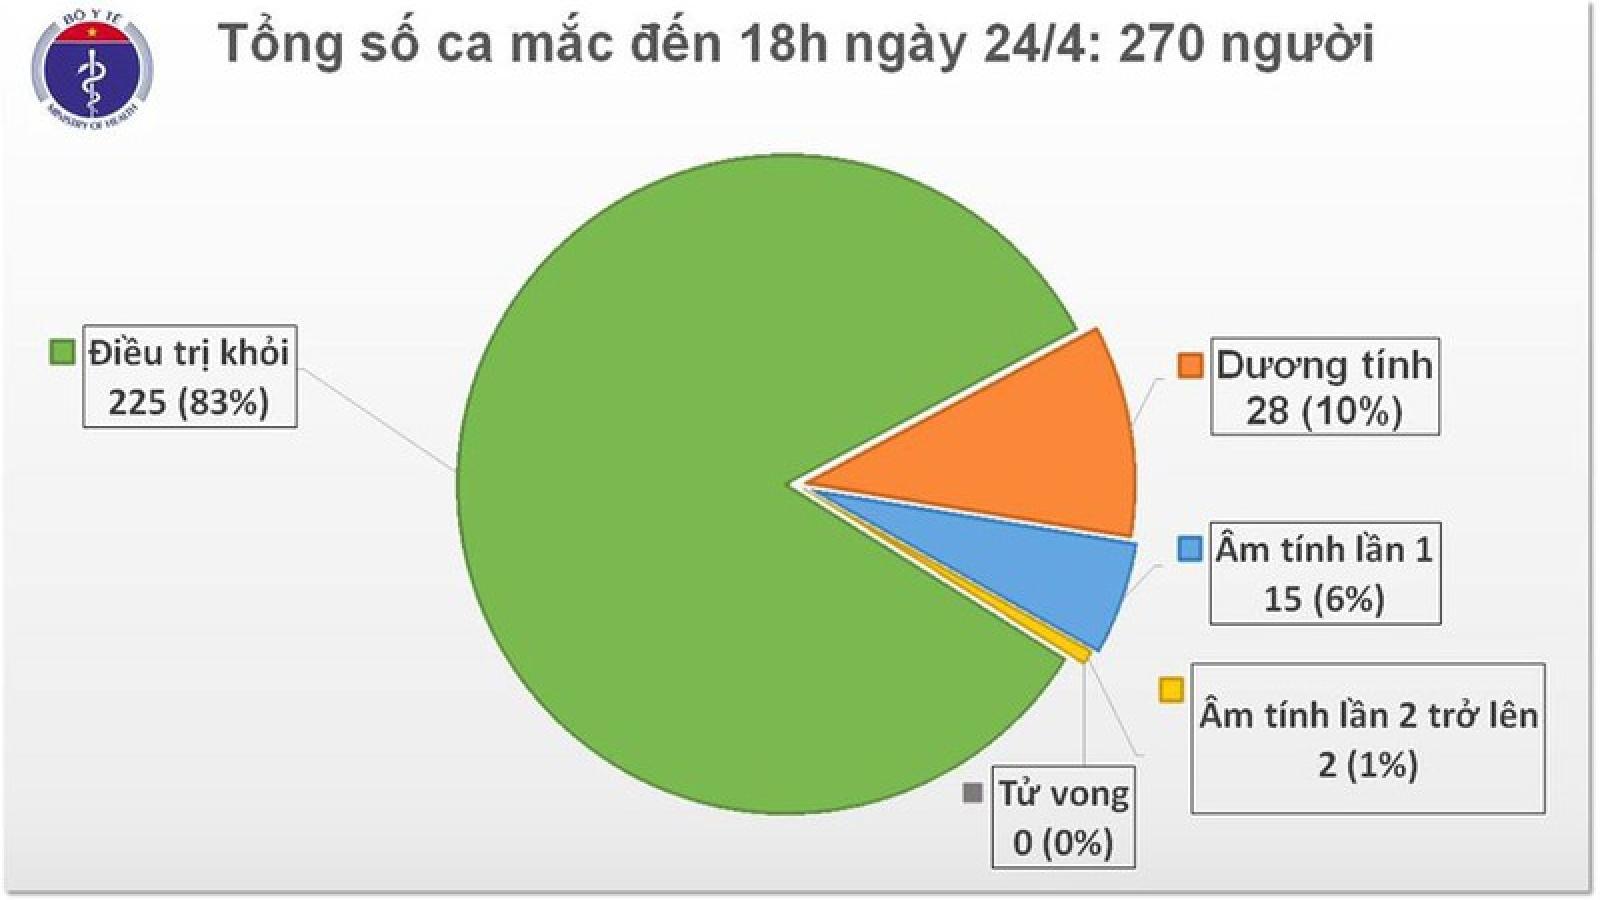 Việt Nam ghi nhận thêm 2 ca mắc Covid-19 mới đều từ nước ngoài về